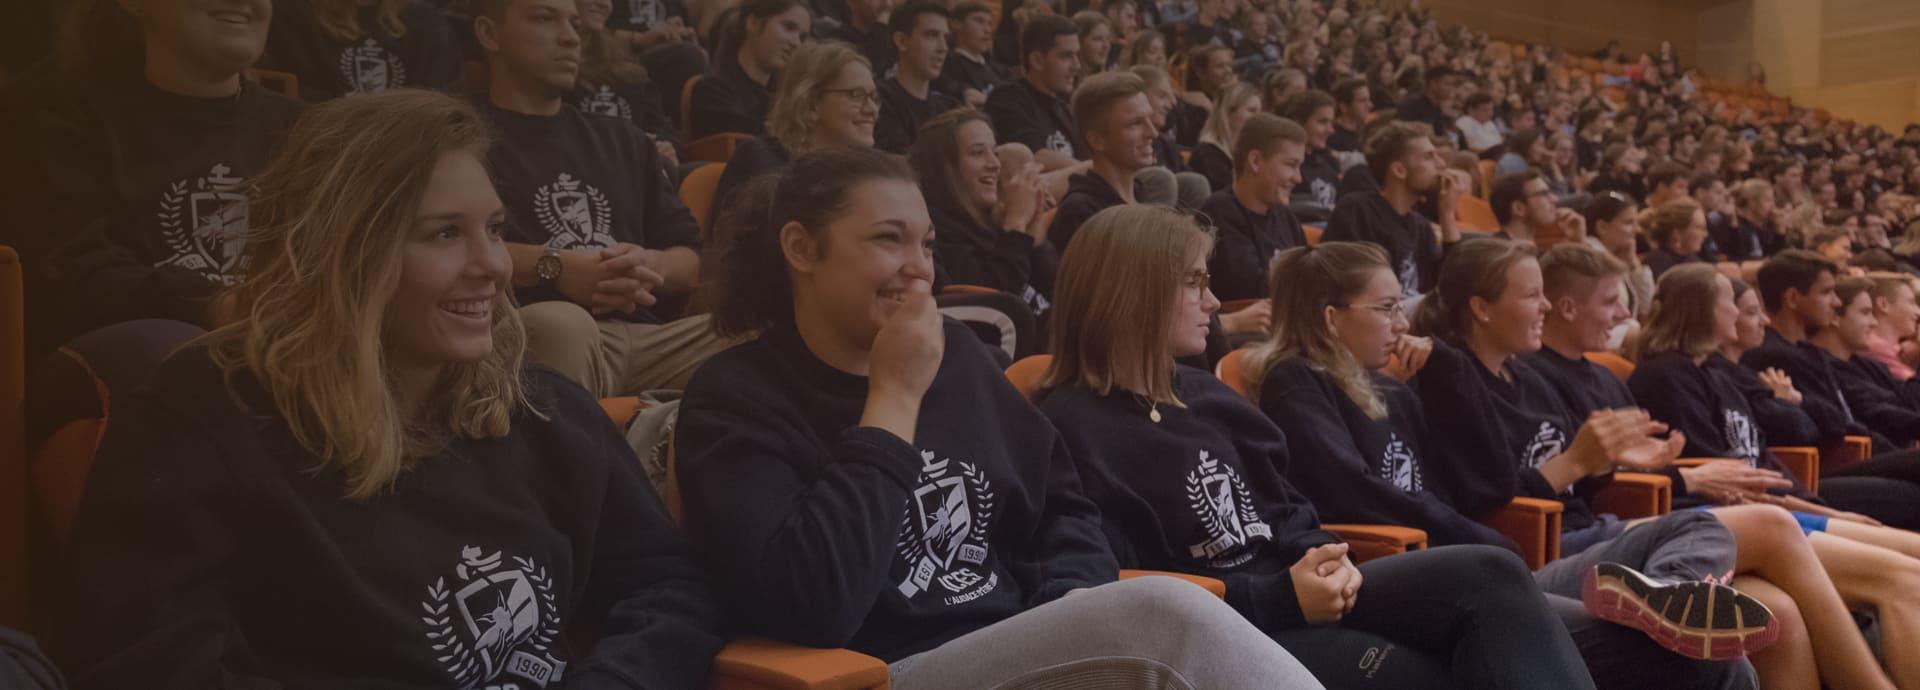 L'ICES instruit et fait grandir les étudiants à travers des valeurs fortes